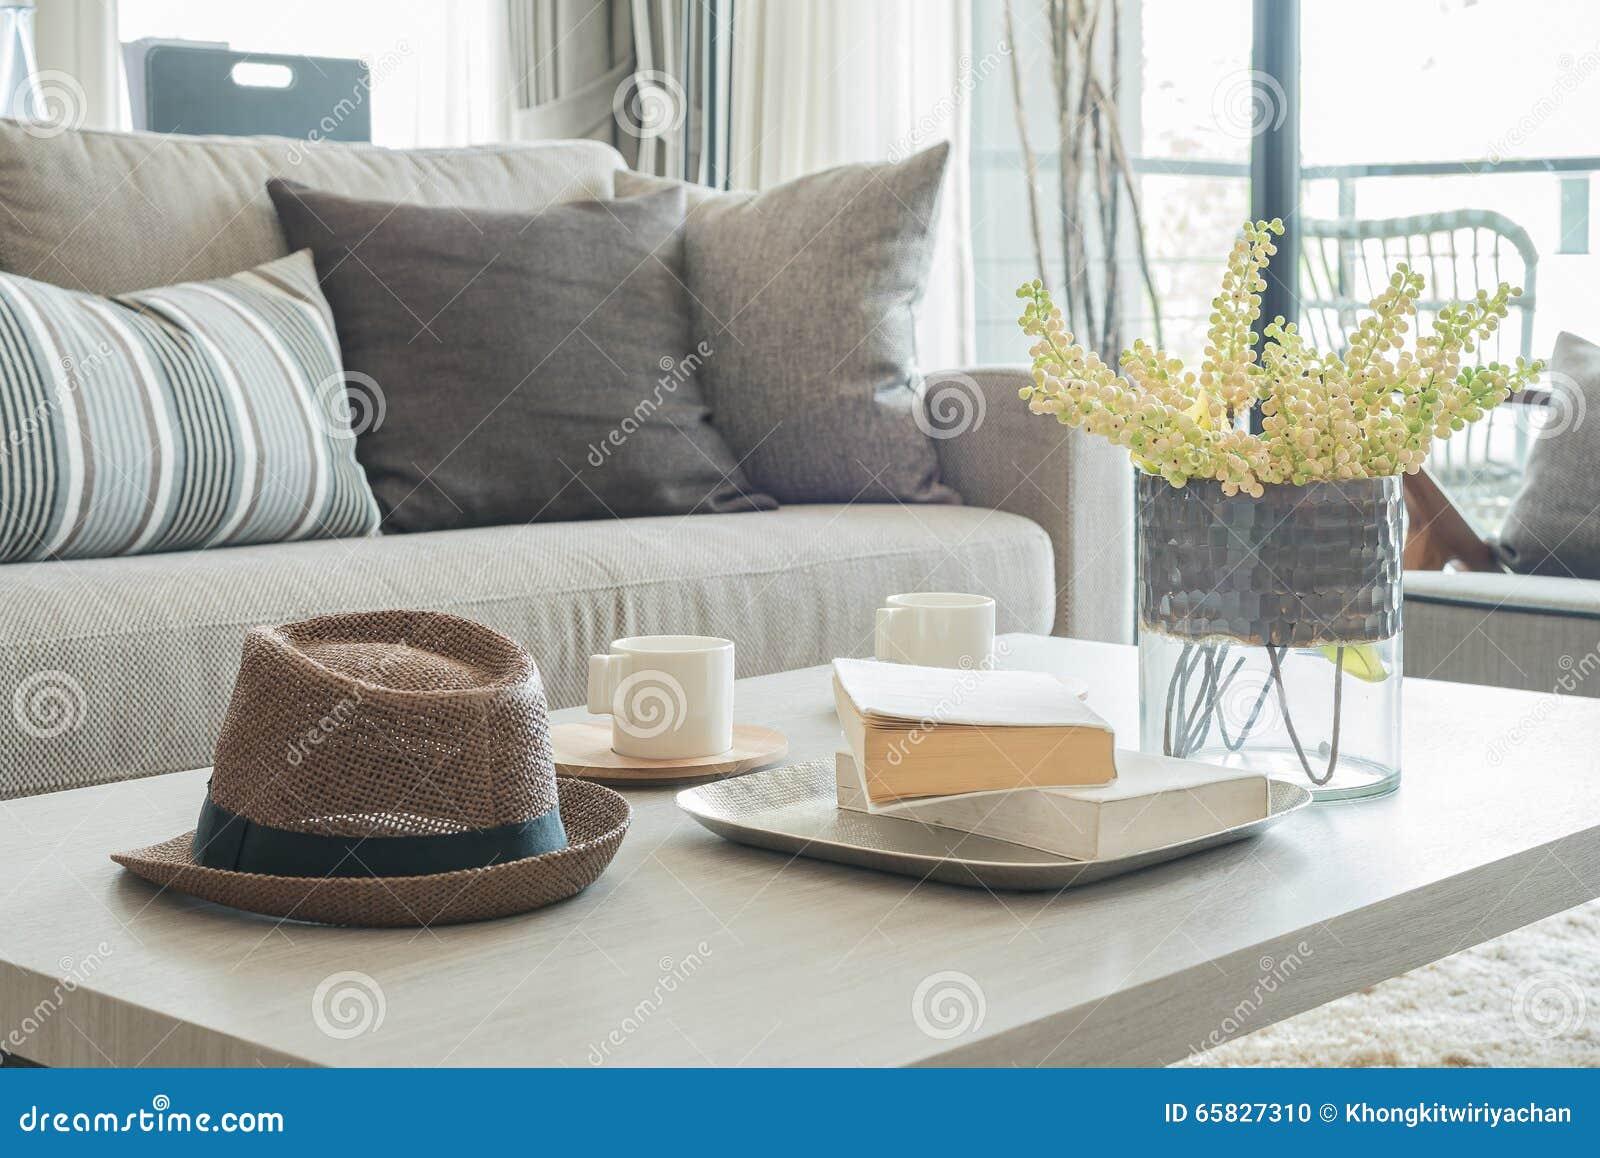 graues sofa und kissen mit hut auf holztisch stockfoto bild 65827310. Black Bedroom Furniture Sets. Home Design Ideas